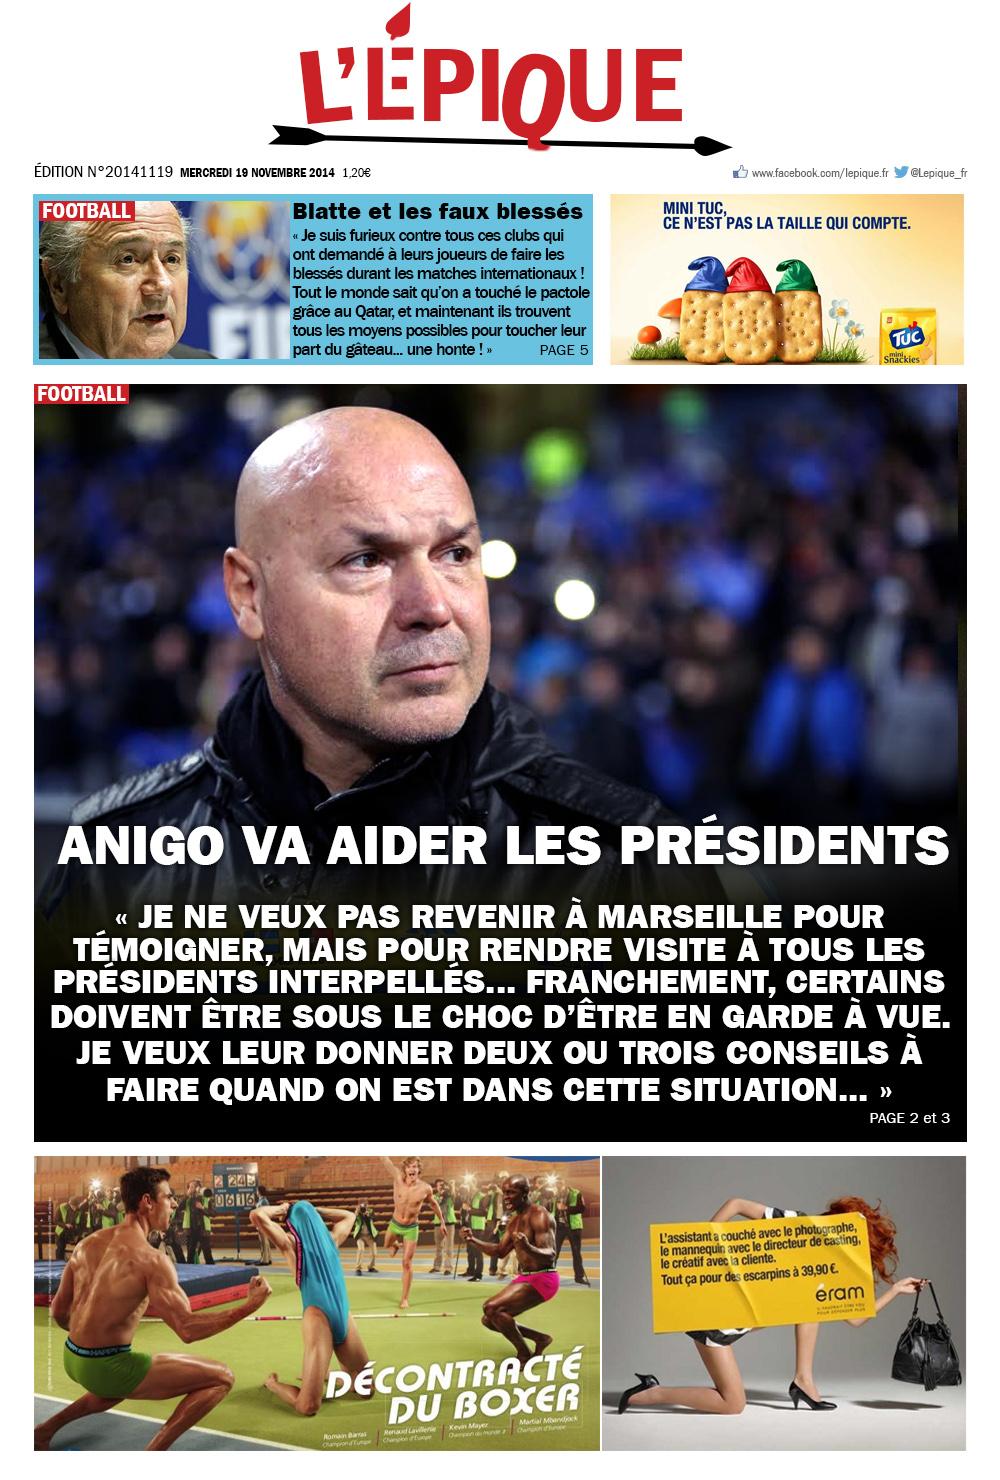 l'epique magazine du 19 novembre 2014